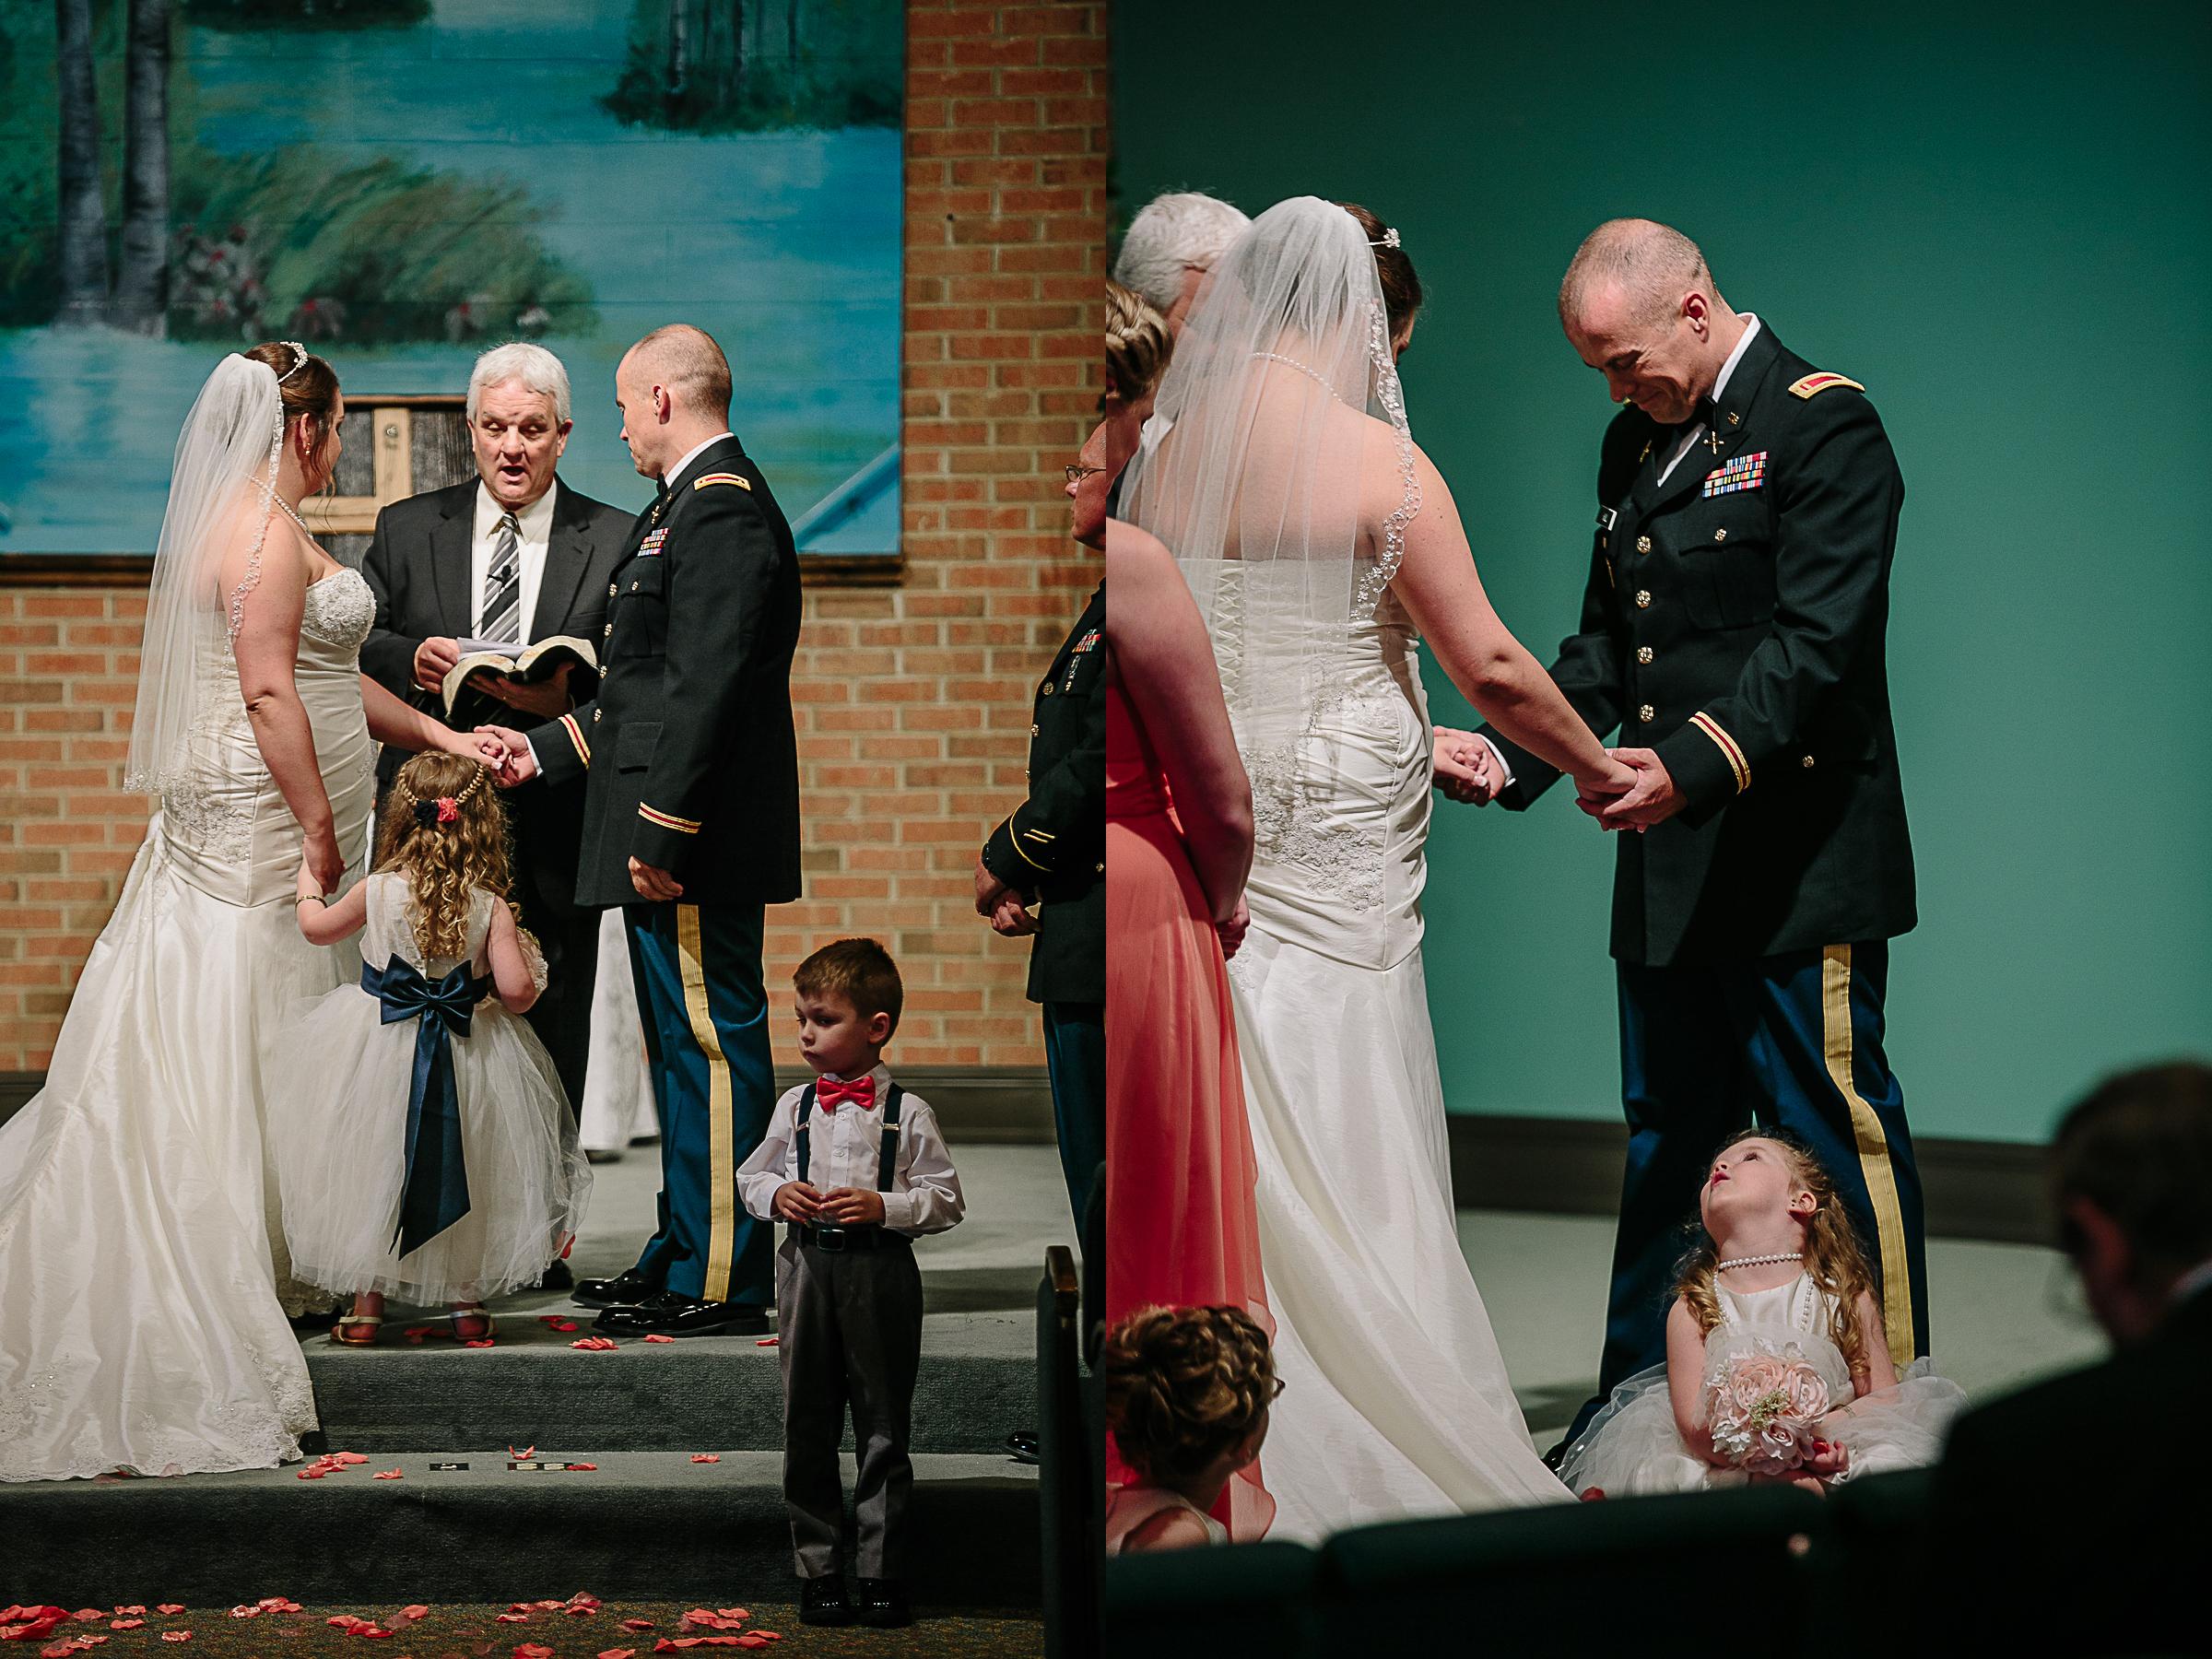 Adorable Flower Girl Daughter Looking on as Bride and Groom Get Married.jpg